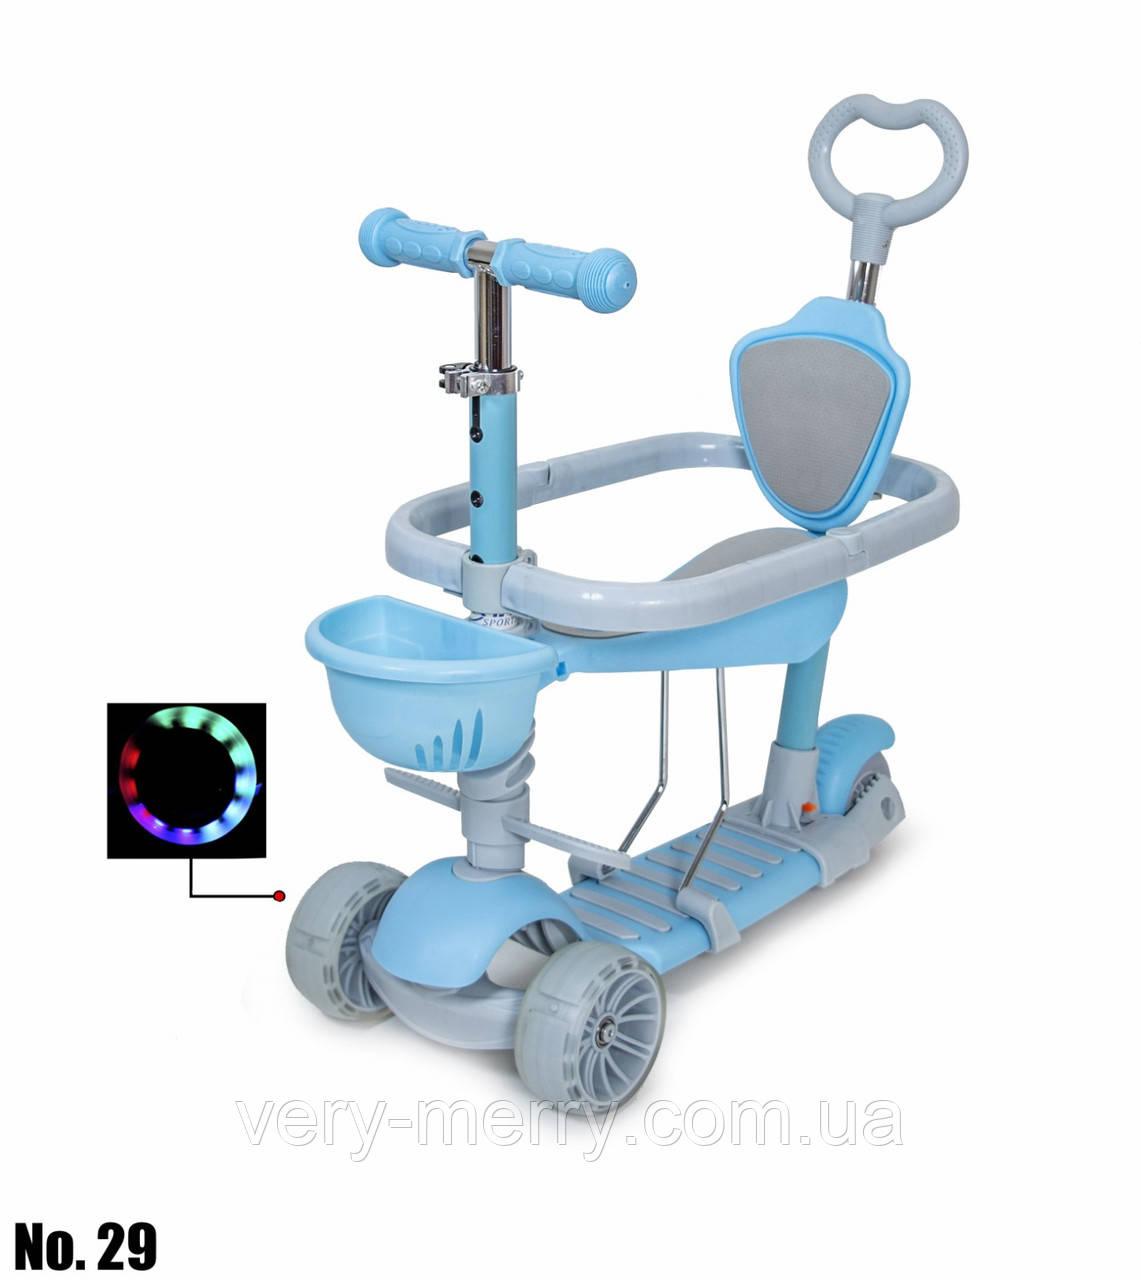 Самокат Scooter Smart 5 в 1 голубой с бортиком оптом